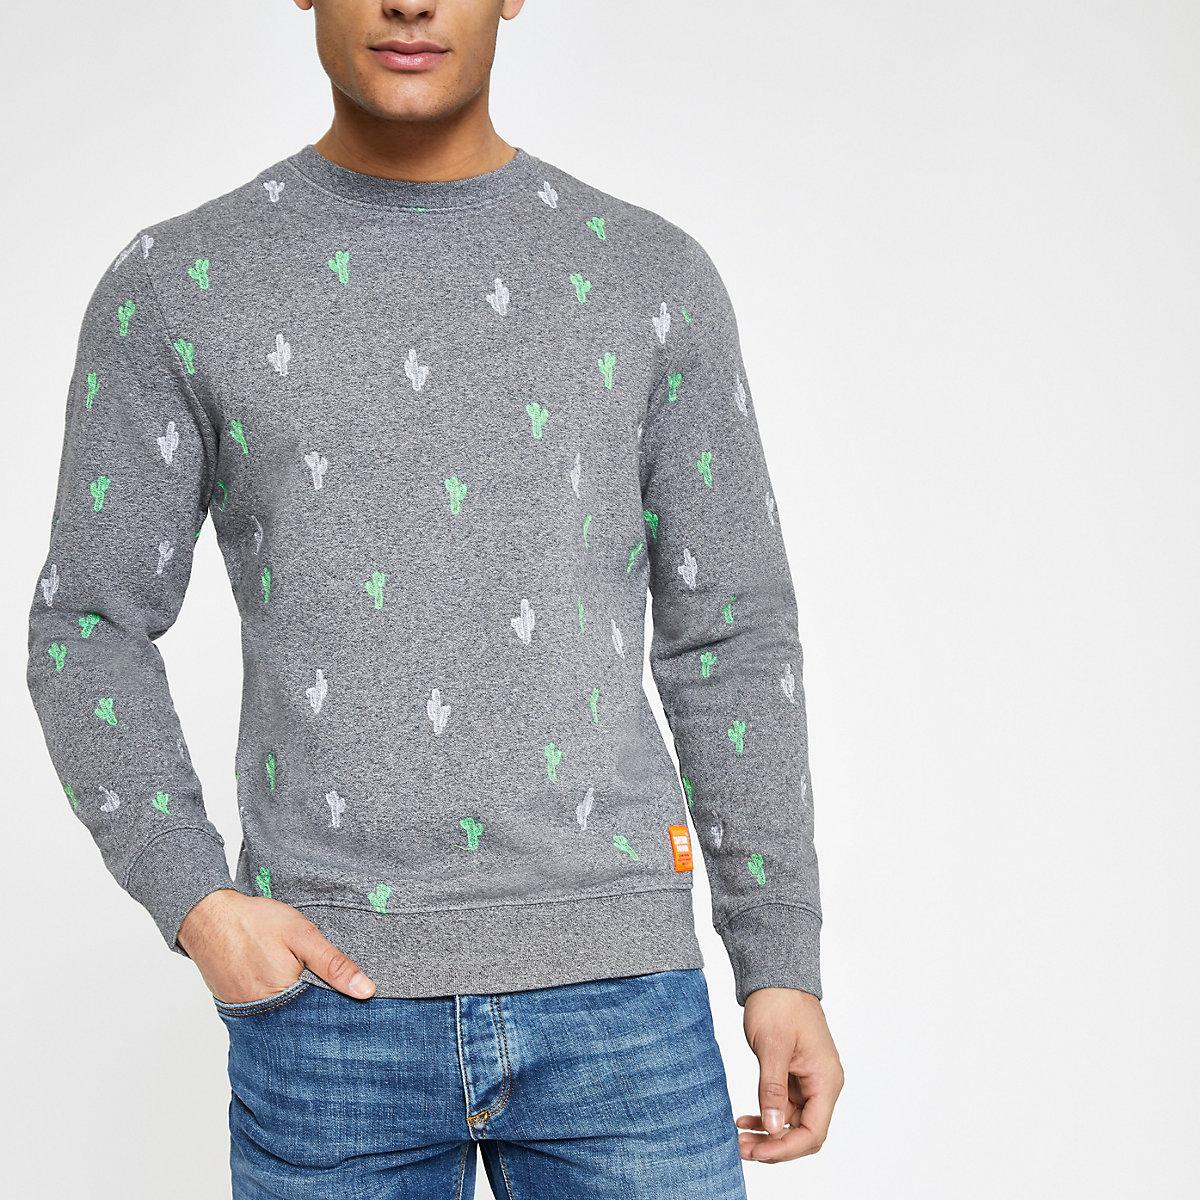 Superdry grey crew neck sweatshirt